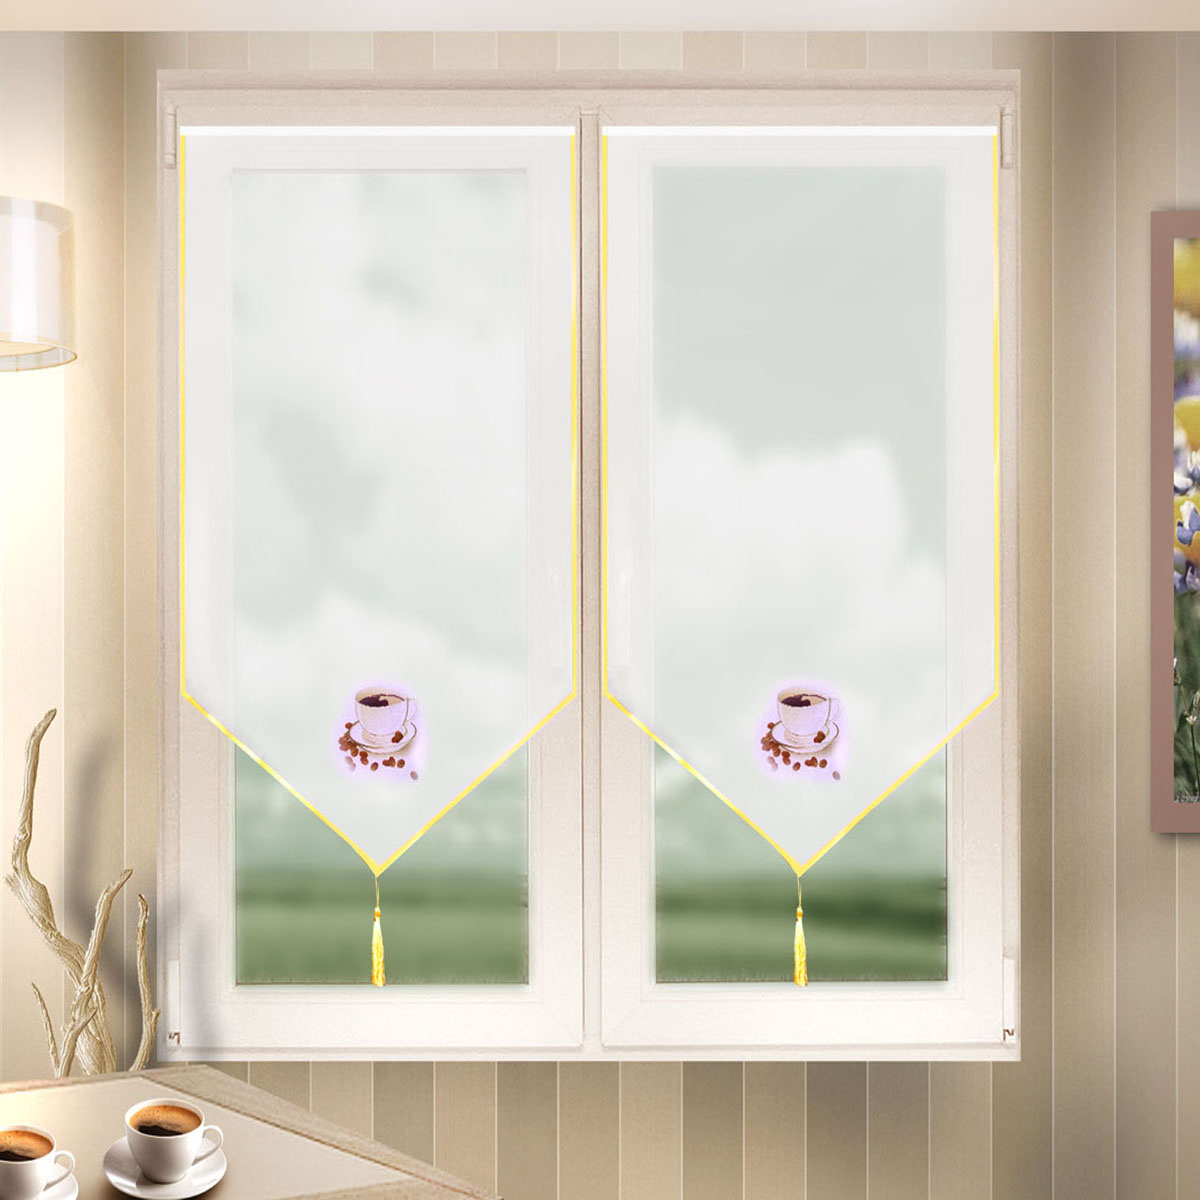 Гардина Zlata Korunka, на липкой ленте, цвет: белый, высота 120 см. 666023/1666023/1Гардина на липкой ленте Zlata Korunka, изготовленная из легкого полиэстера, станет великолепным украшением любого окна. Полотно из белой вуали с печатным рисунком привлечет к себе внимание и органично впишется в интерьер комнаты. Крепление на липкой ленте, не требующее сверления стен и карниза. Многоразовое и мгновенное крепление.